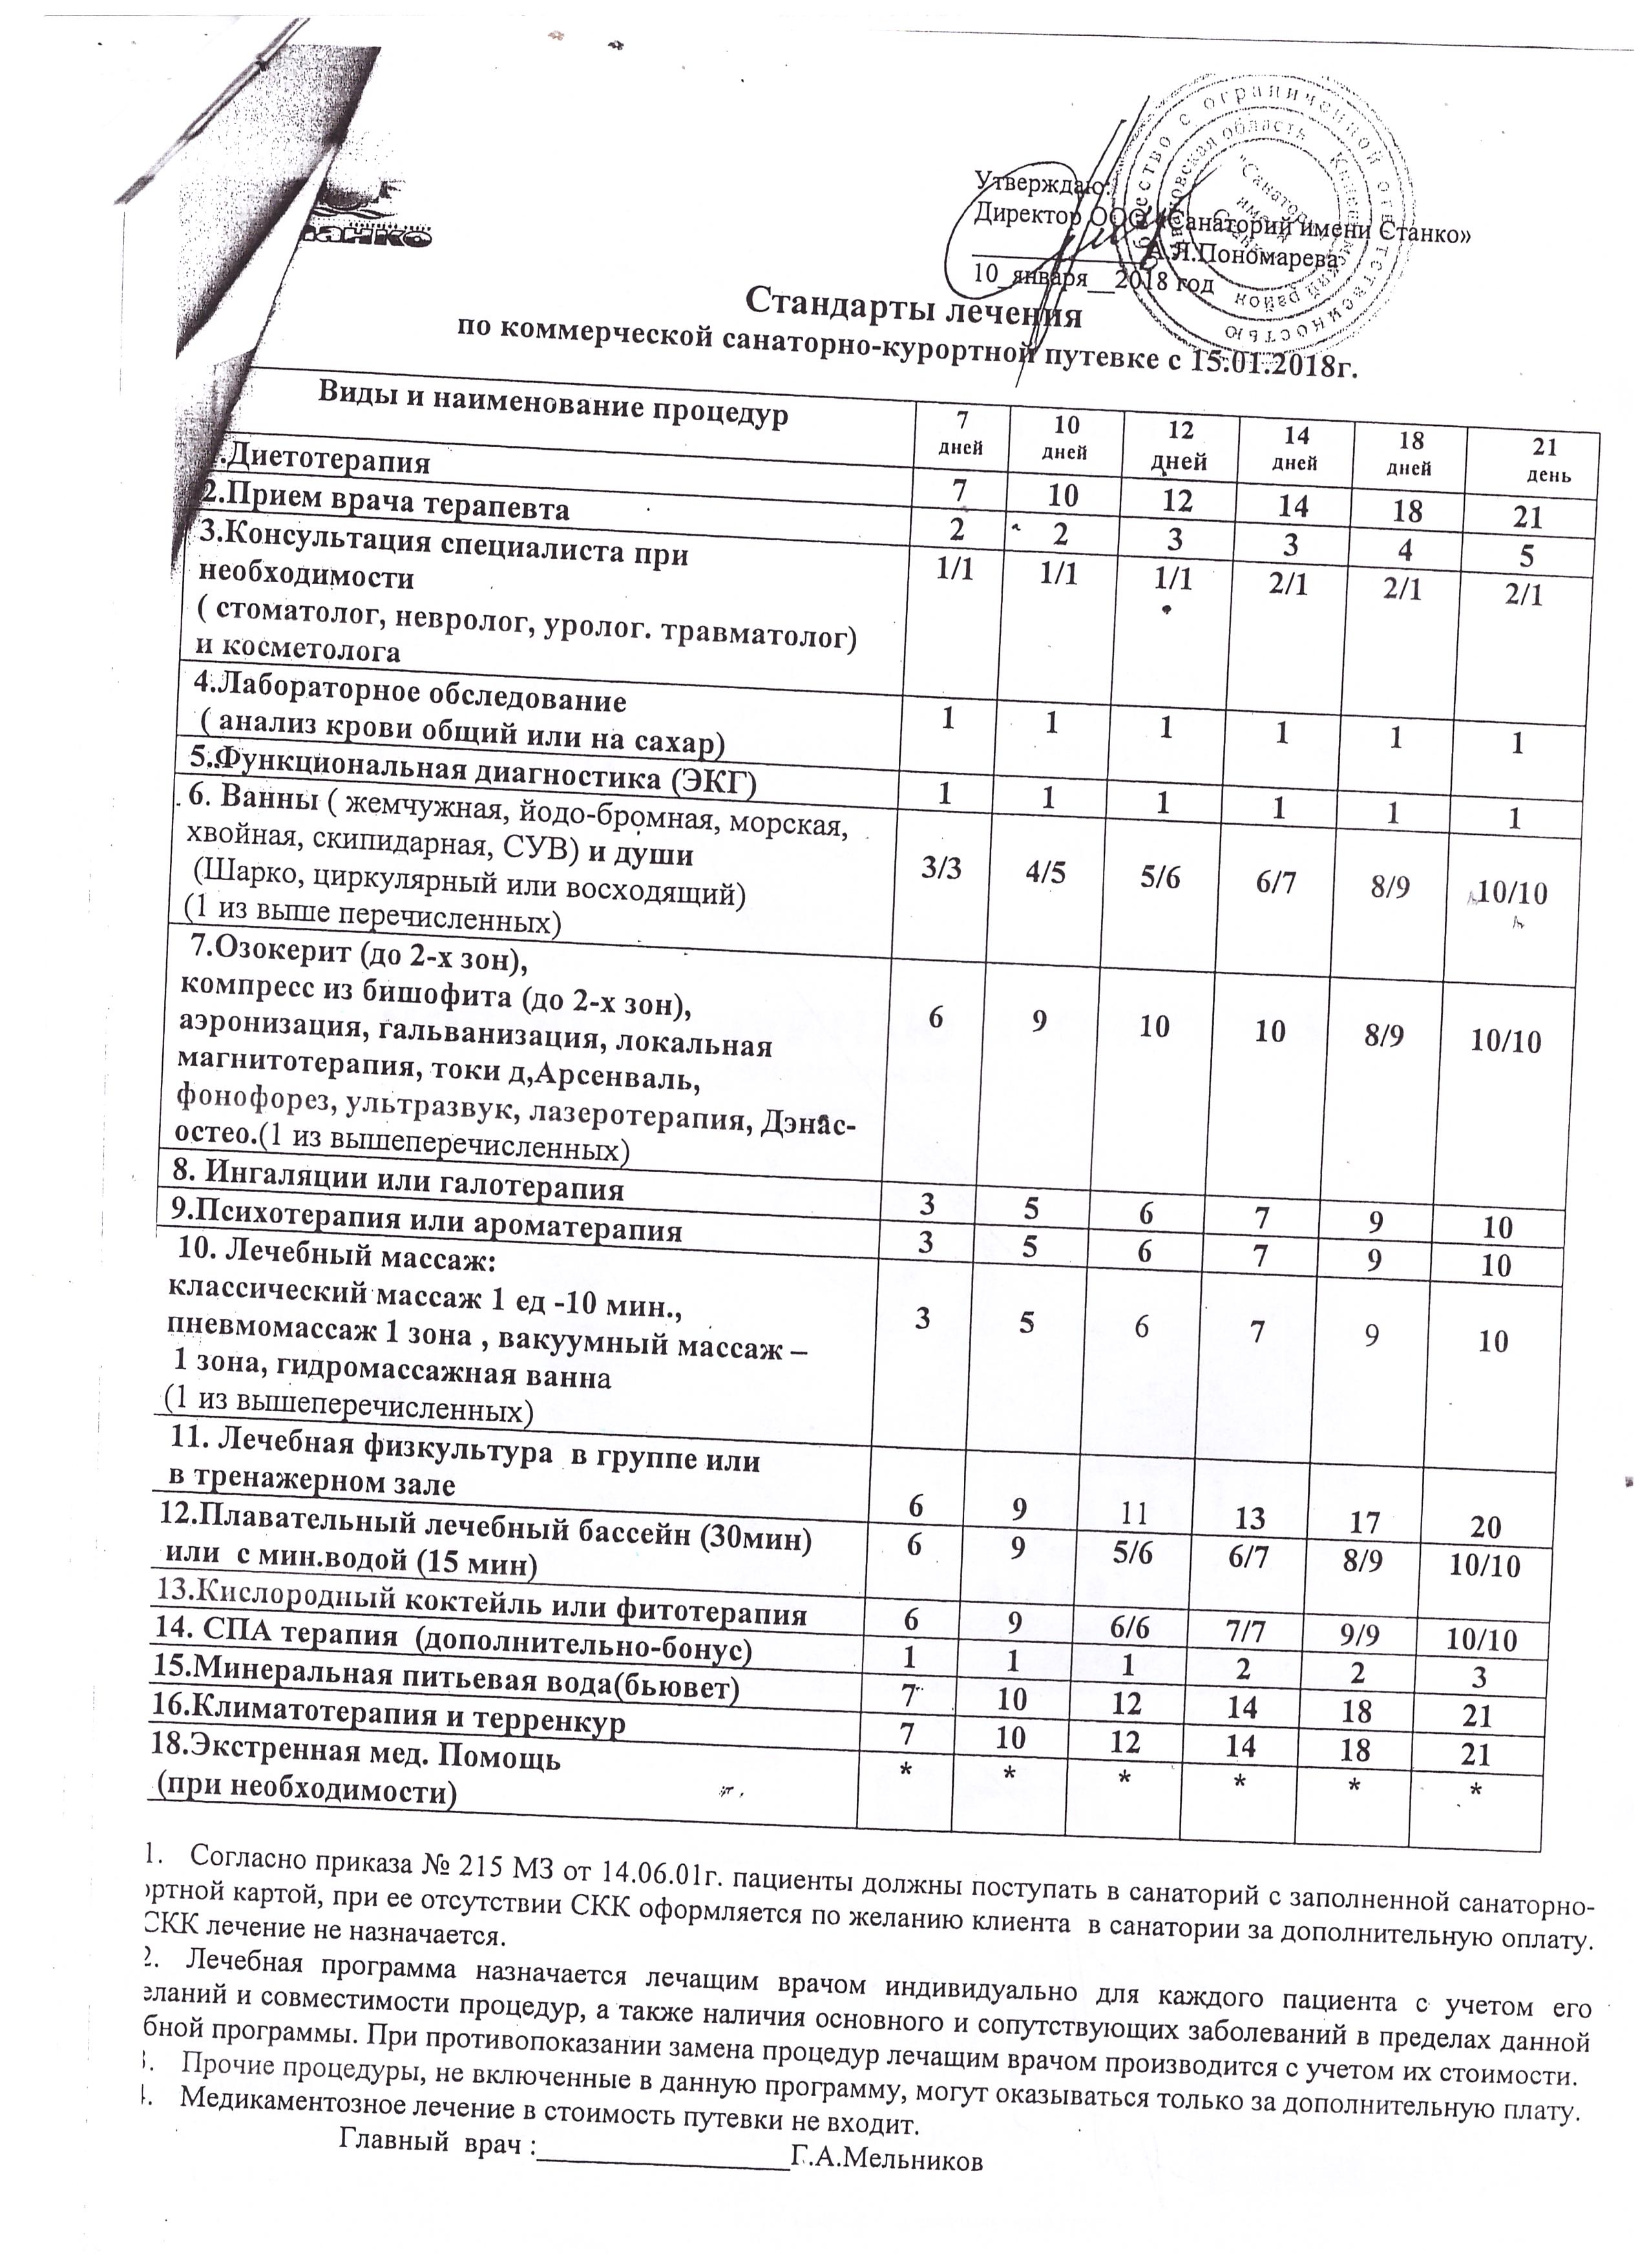 сандарты лечения коммерч. от 10.01.18